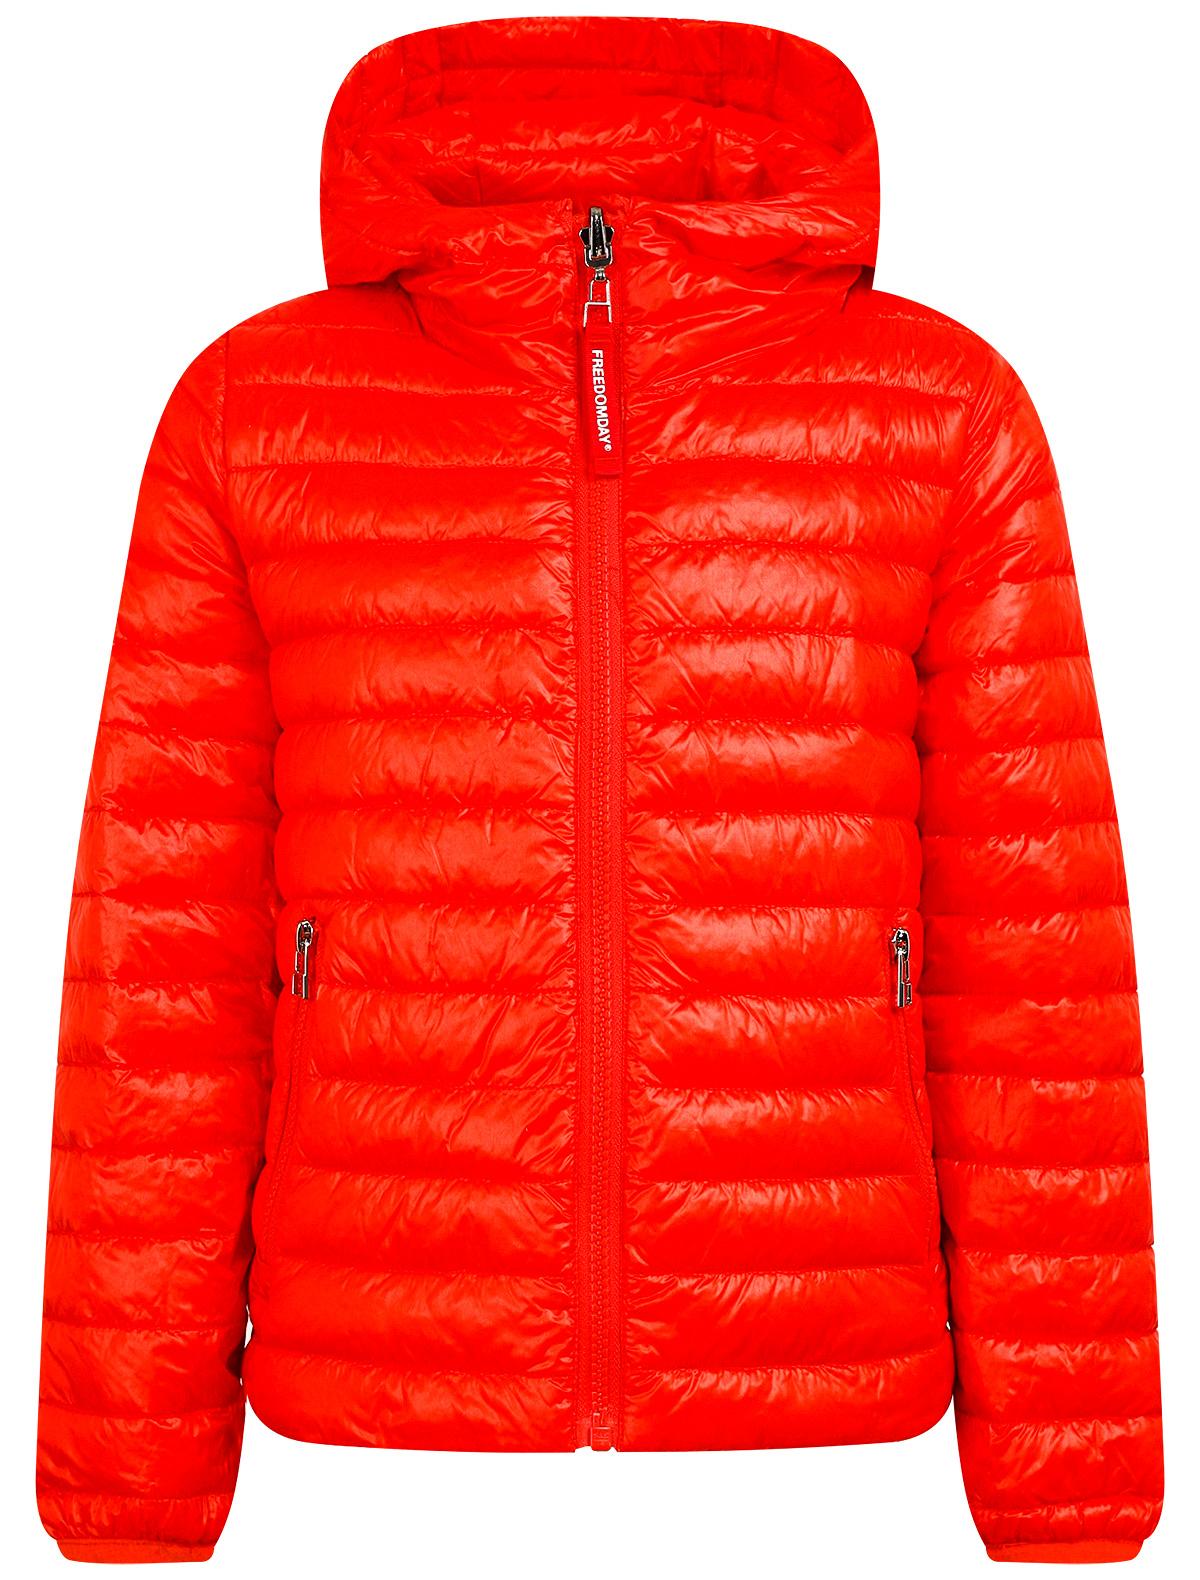 Купить 2295547, Куртка FREEDOMDAY, красный, Женский, 1074509172024